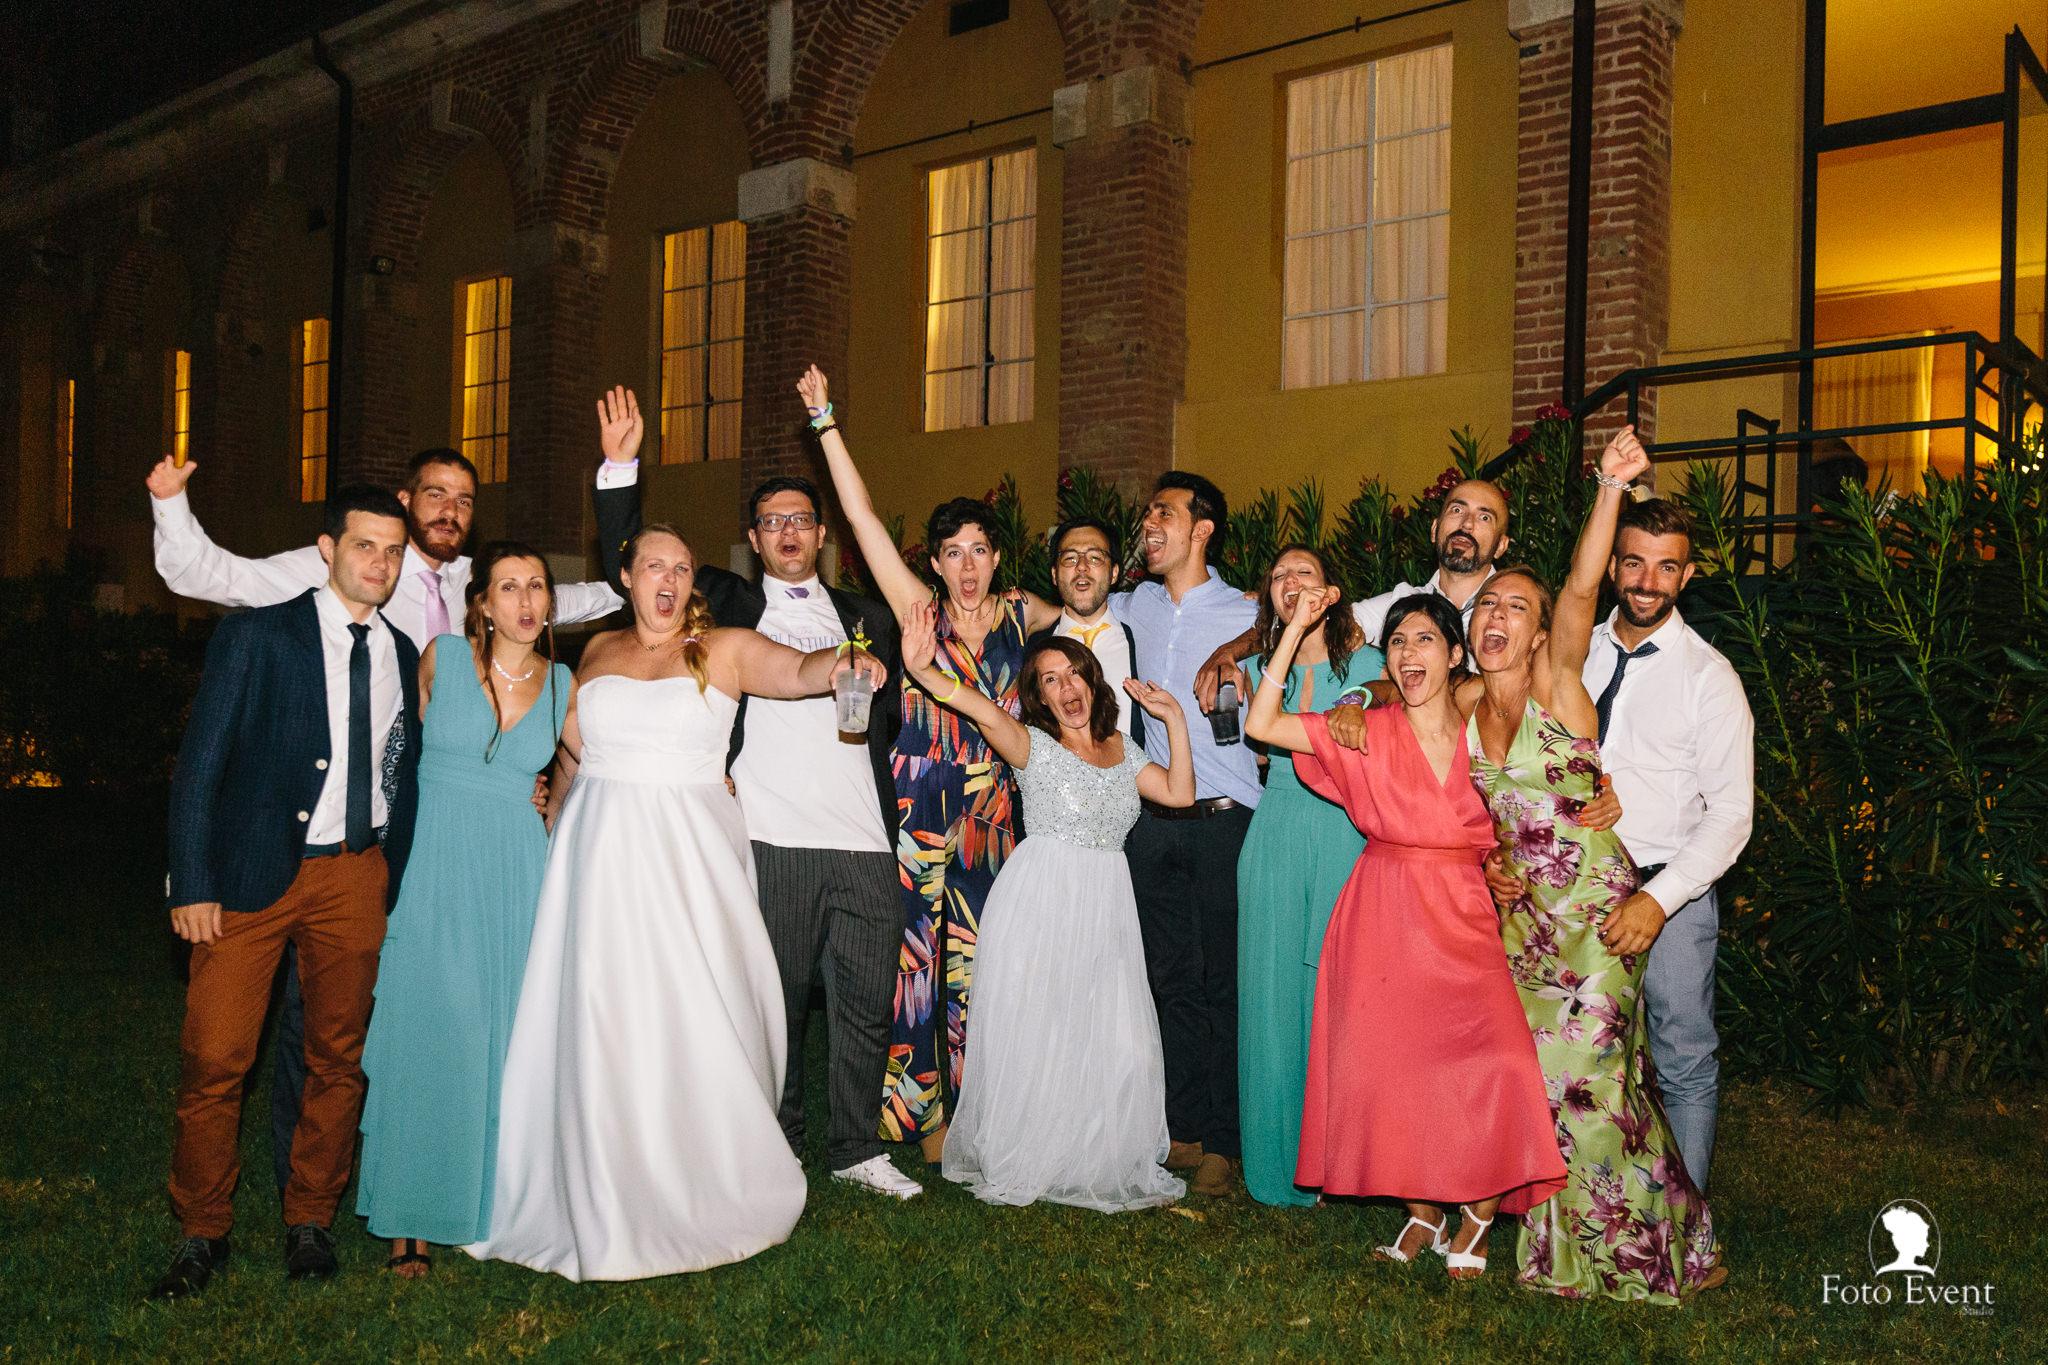 097-2019-07-27-Matrimonio-Valentina-e-Alessandro-Pettinari-5DE-1991